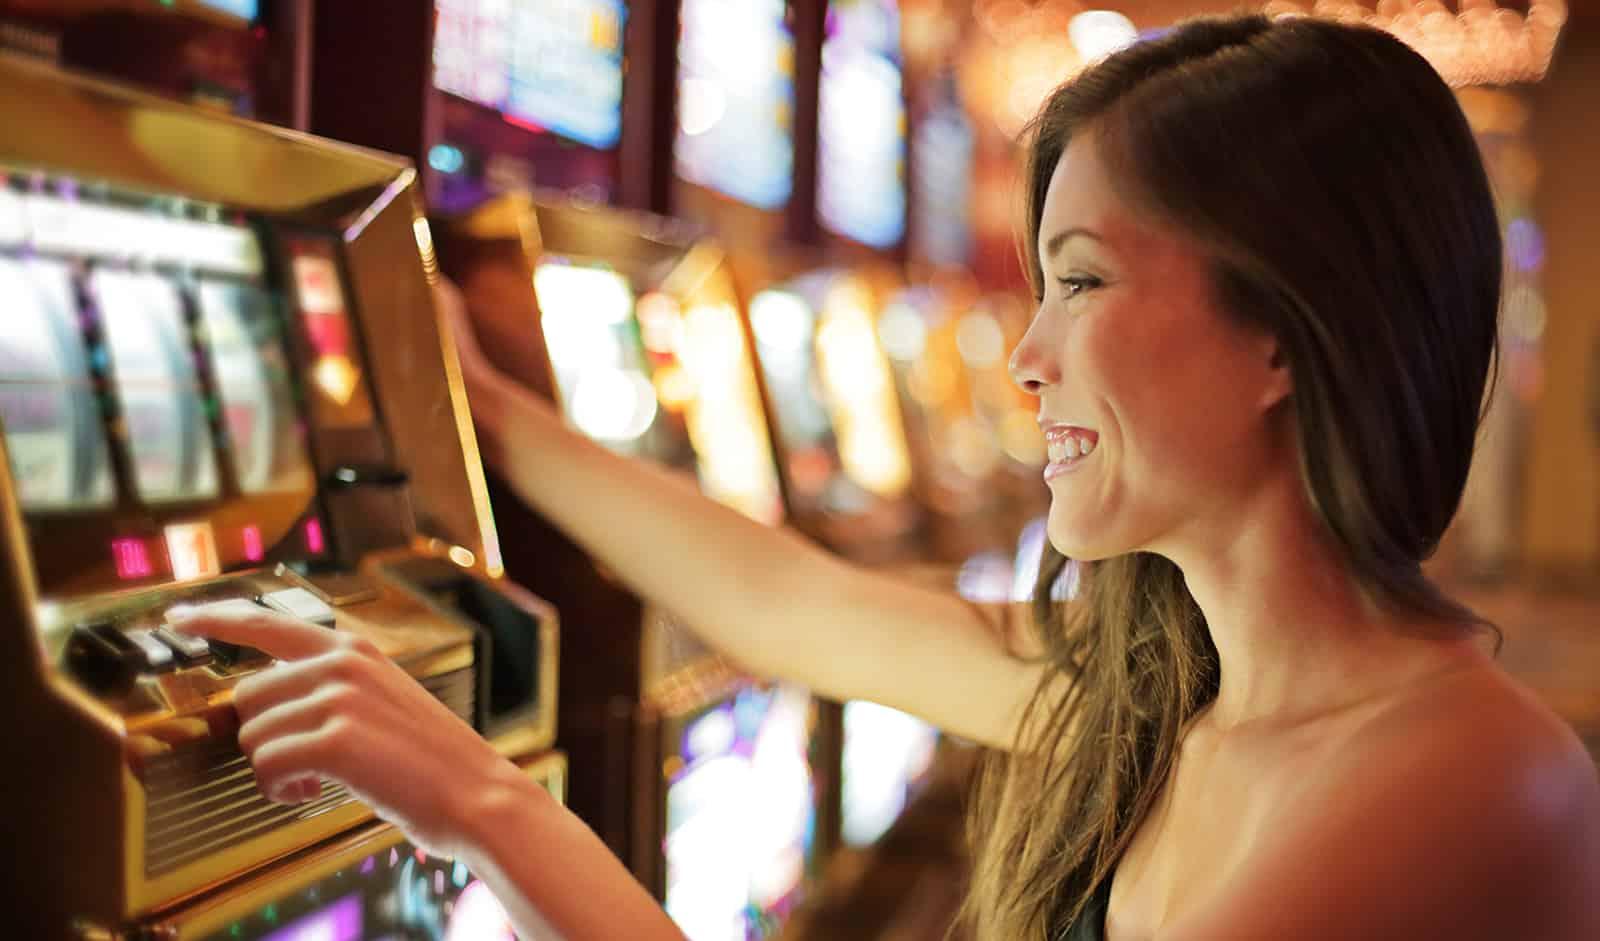 casino-games-women-love-main-image